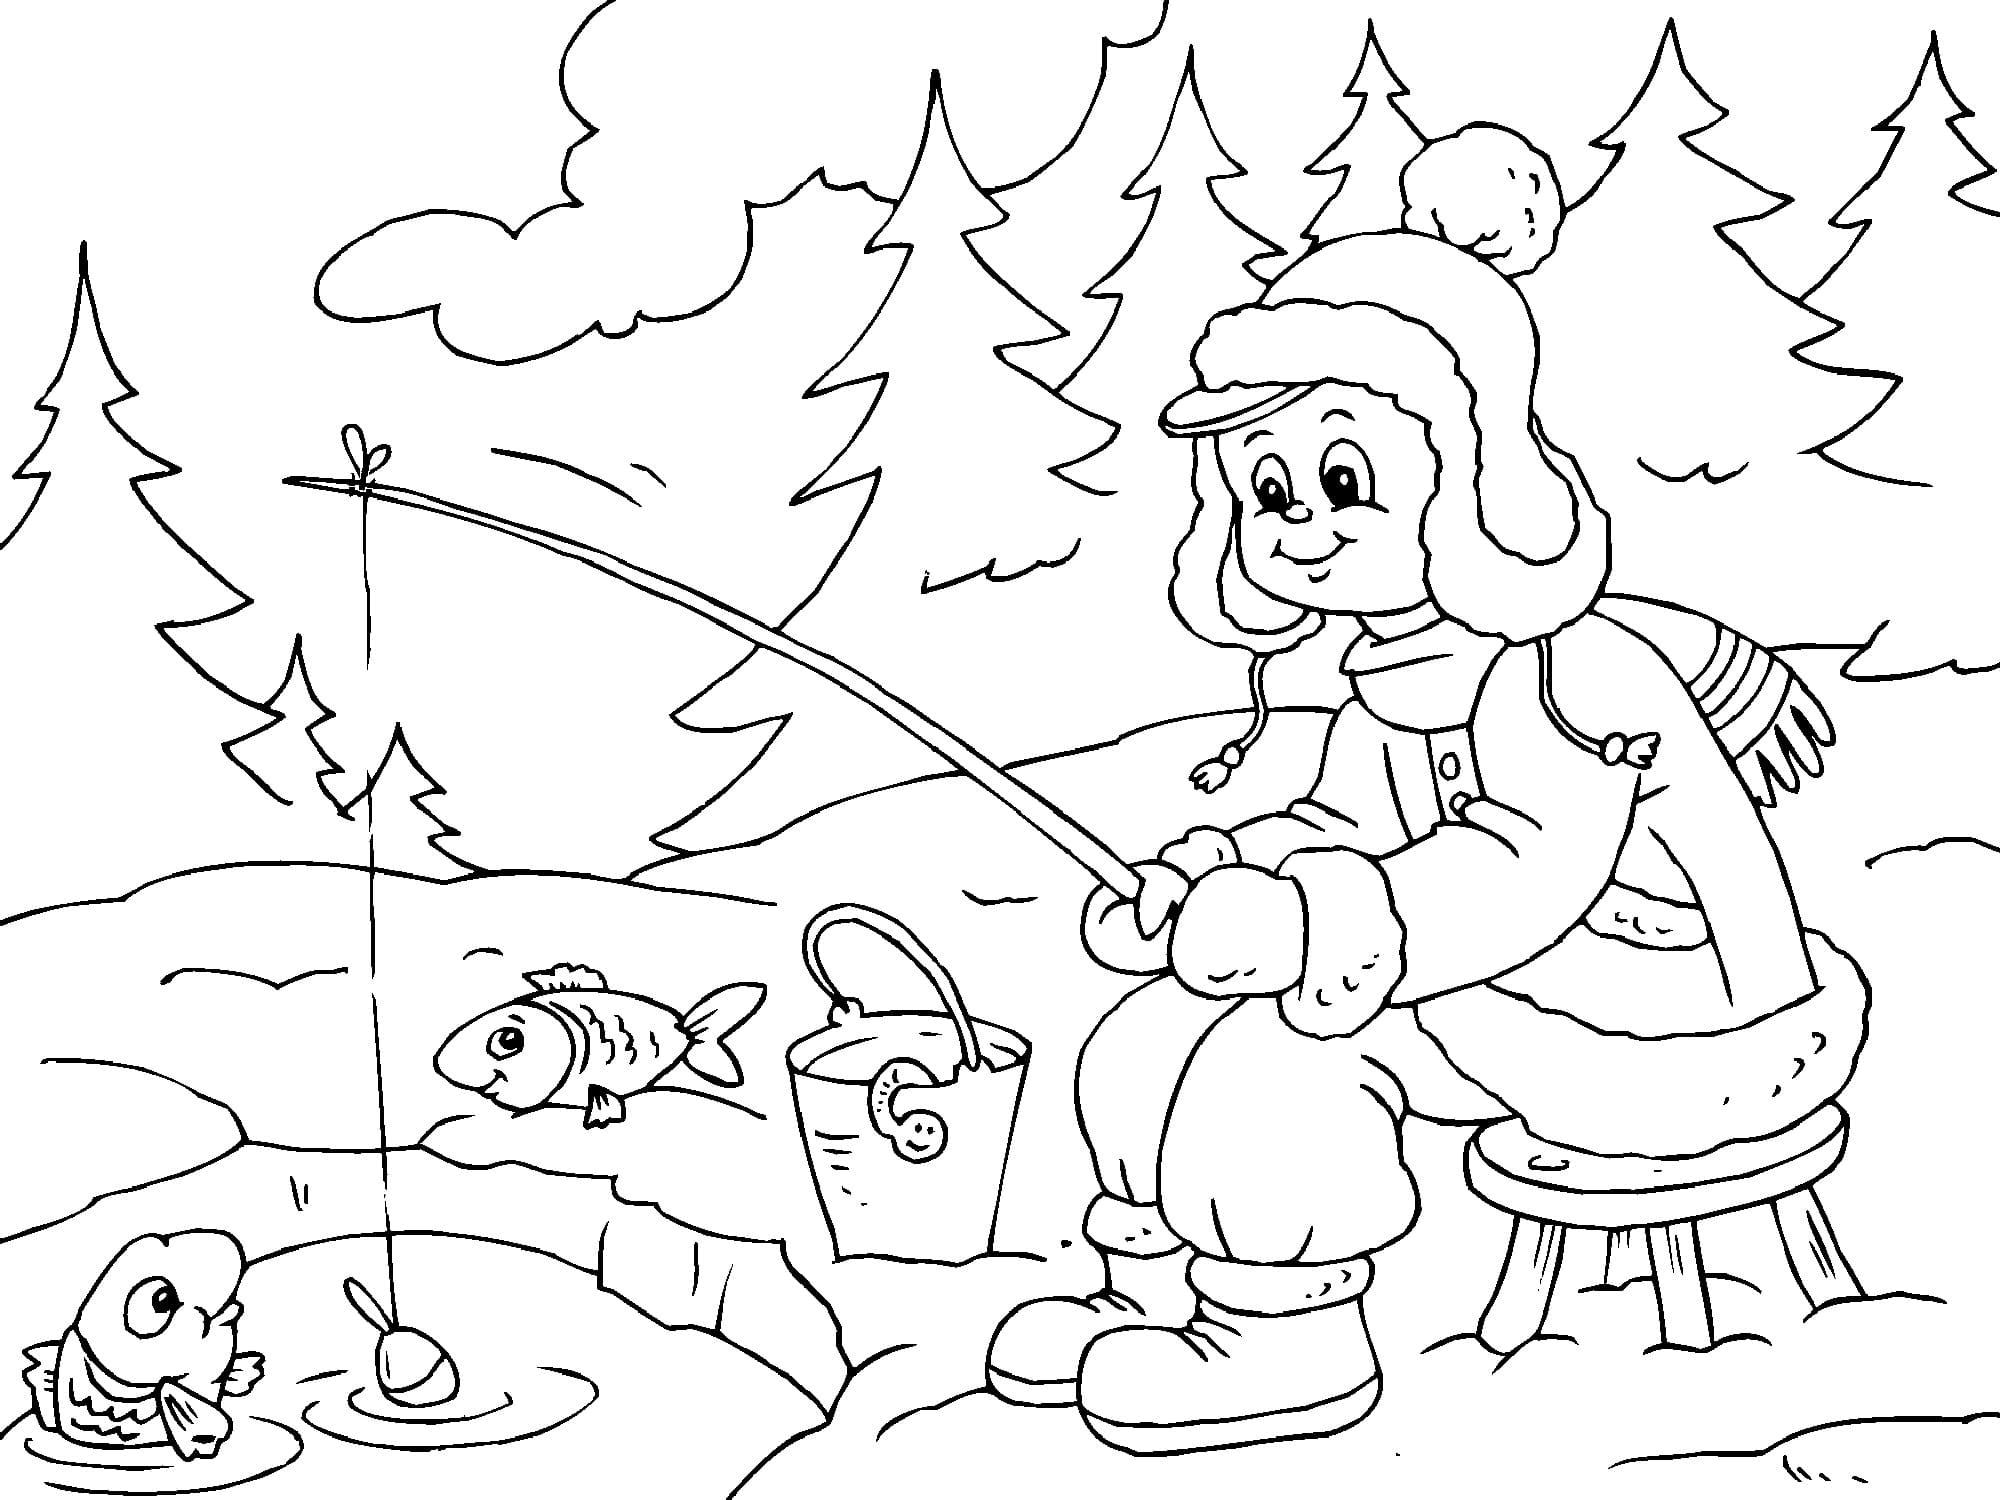 Ausmalbild Winter - kinderbilderdownload kinderbilder